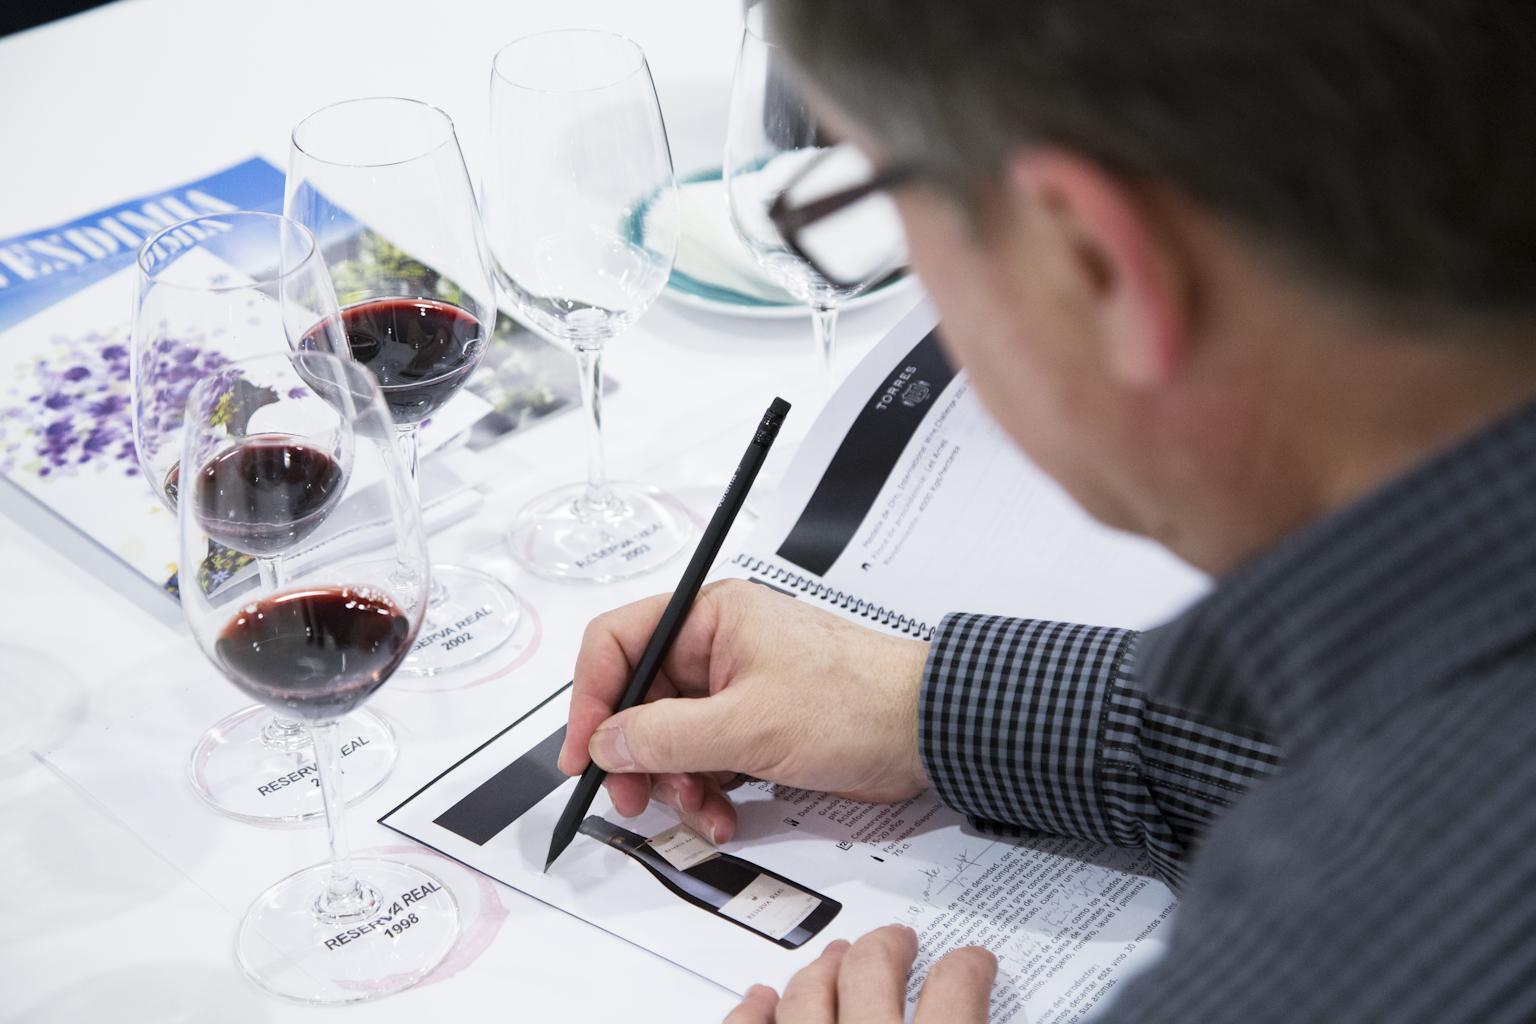 Cata del vino Reserva Real de Bodegas Torres